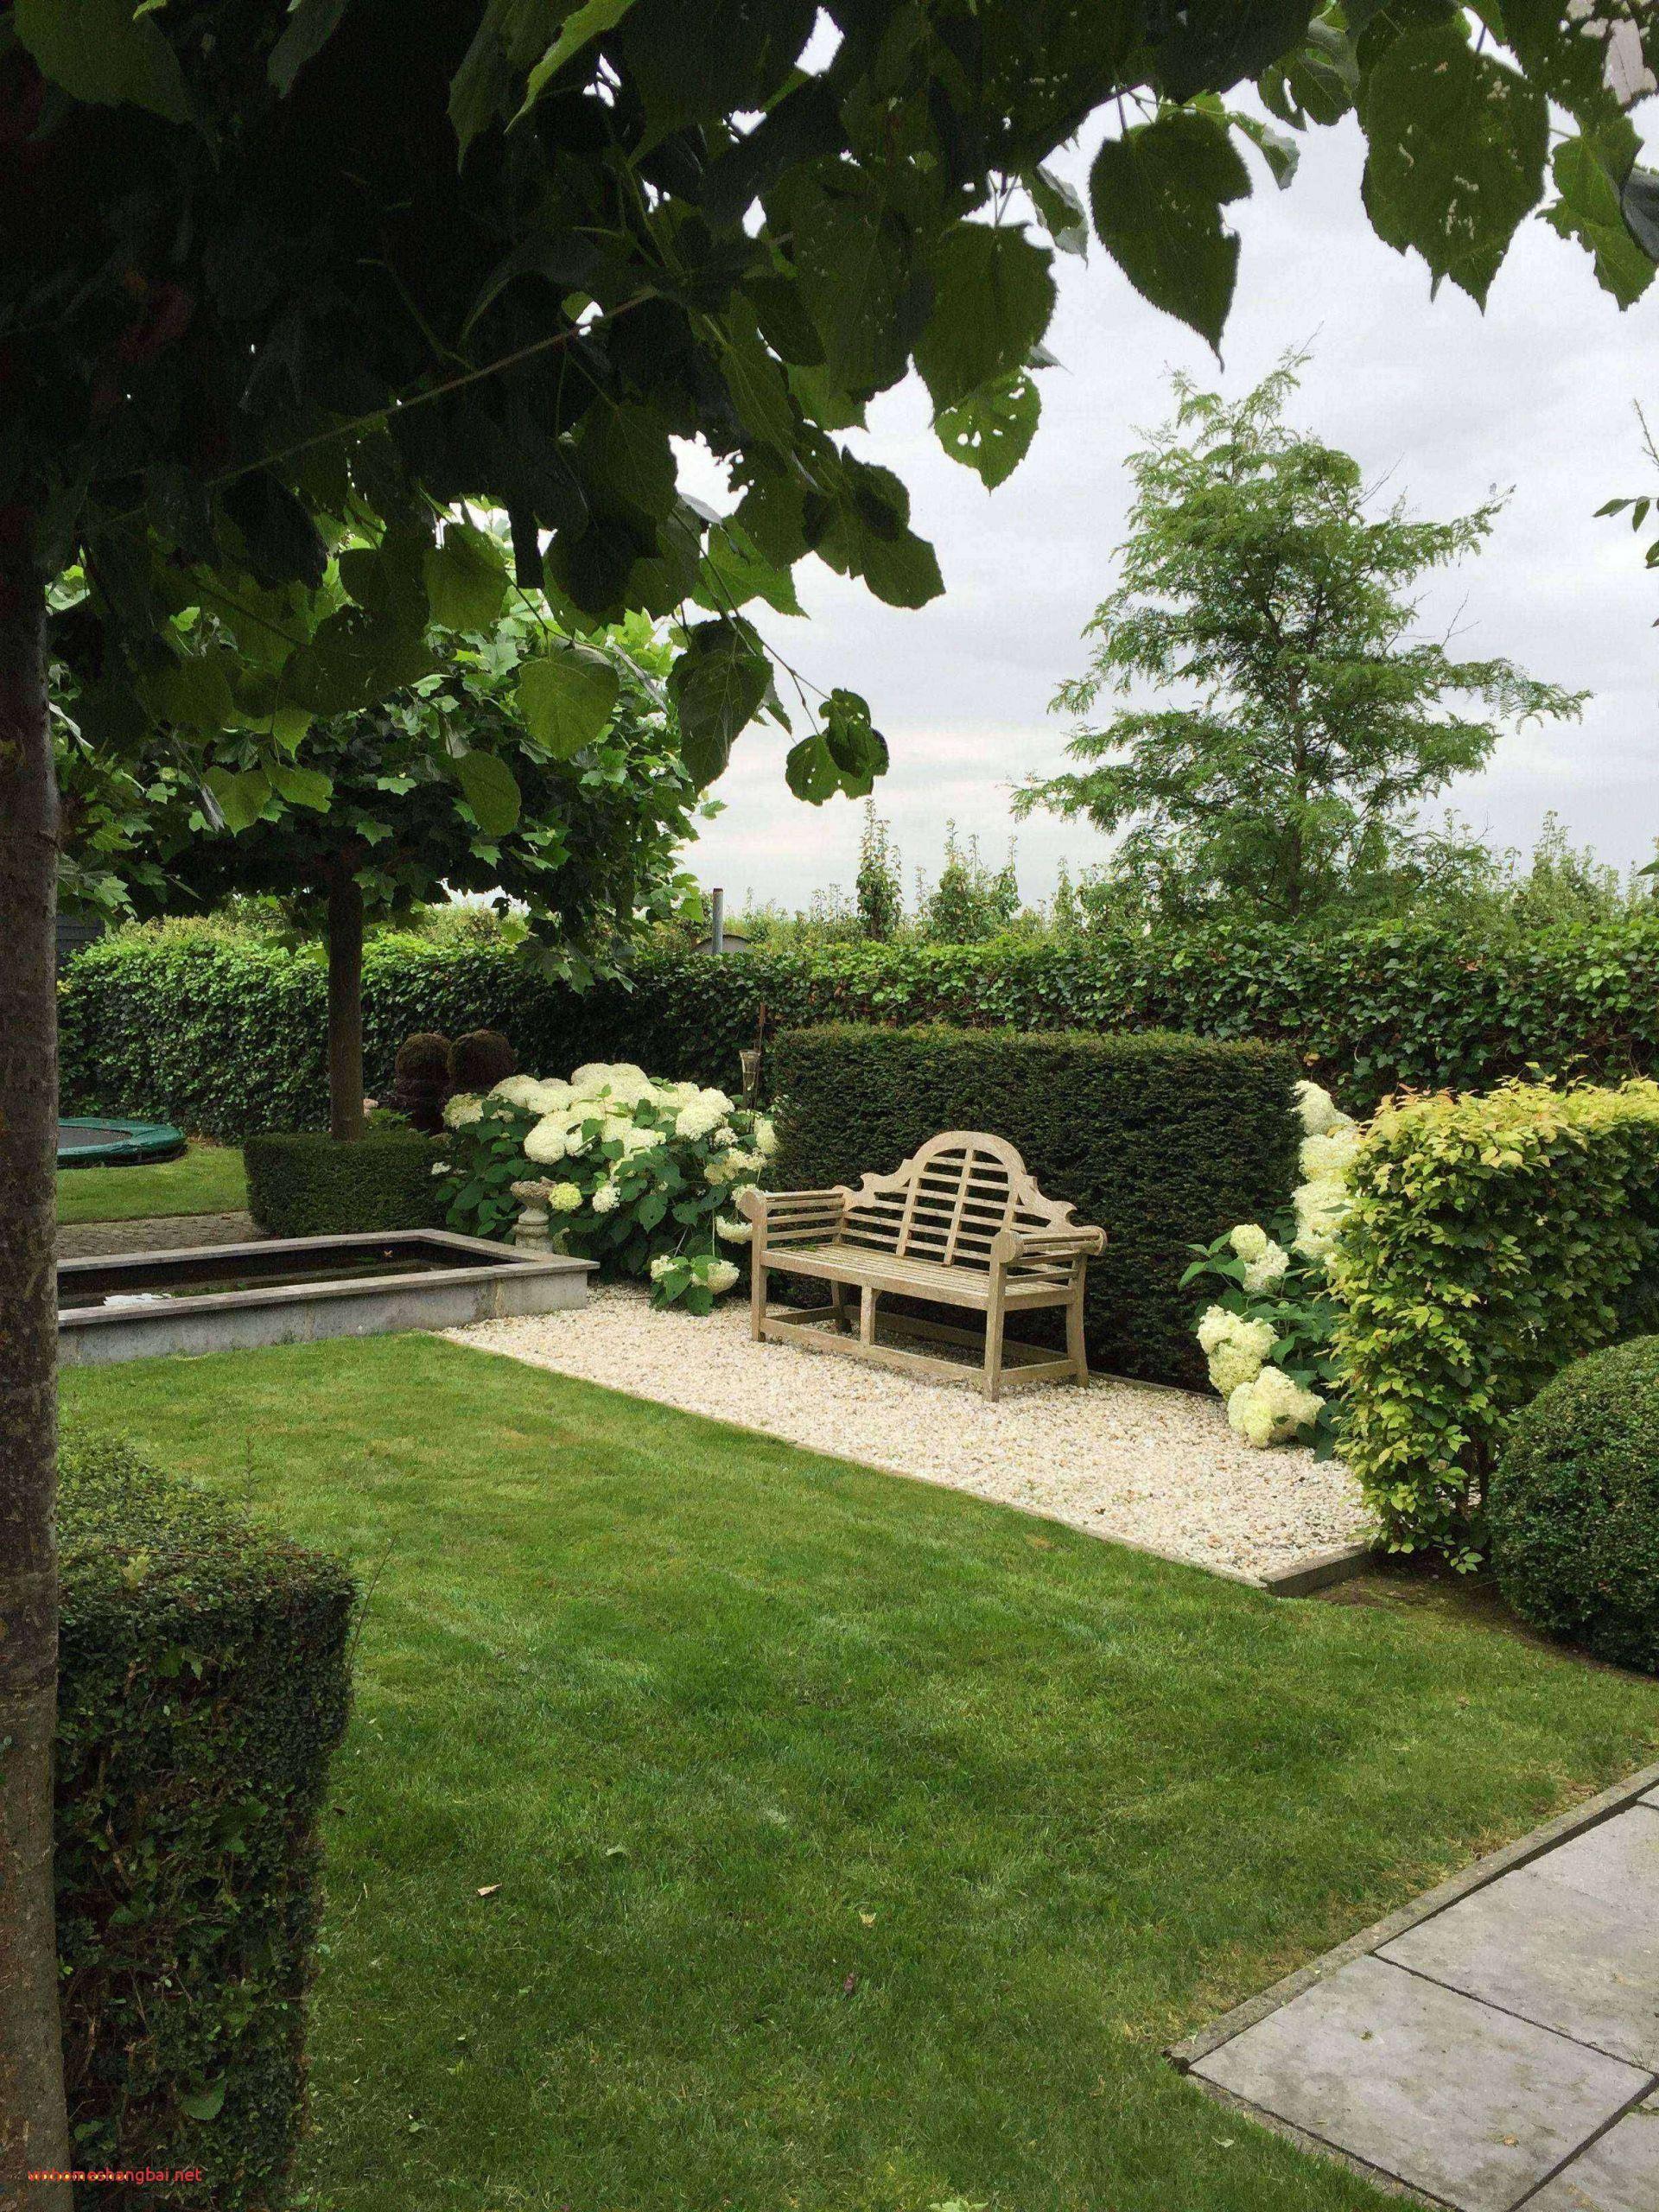 Garten Am Hang Ideen Bilder Frisch Garden Nets Bokeh Garden Wallpaper by Xhani Rm 0d Free